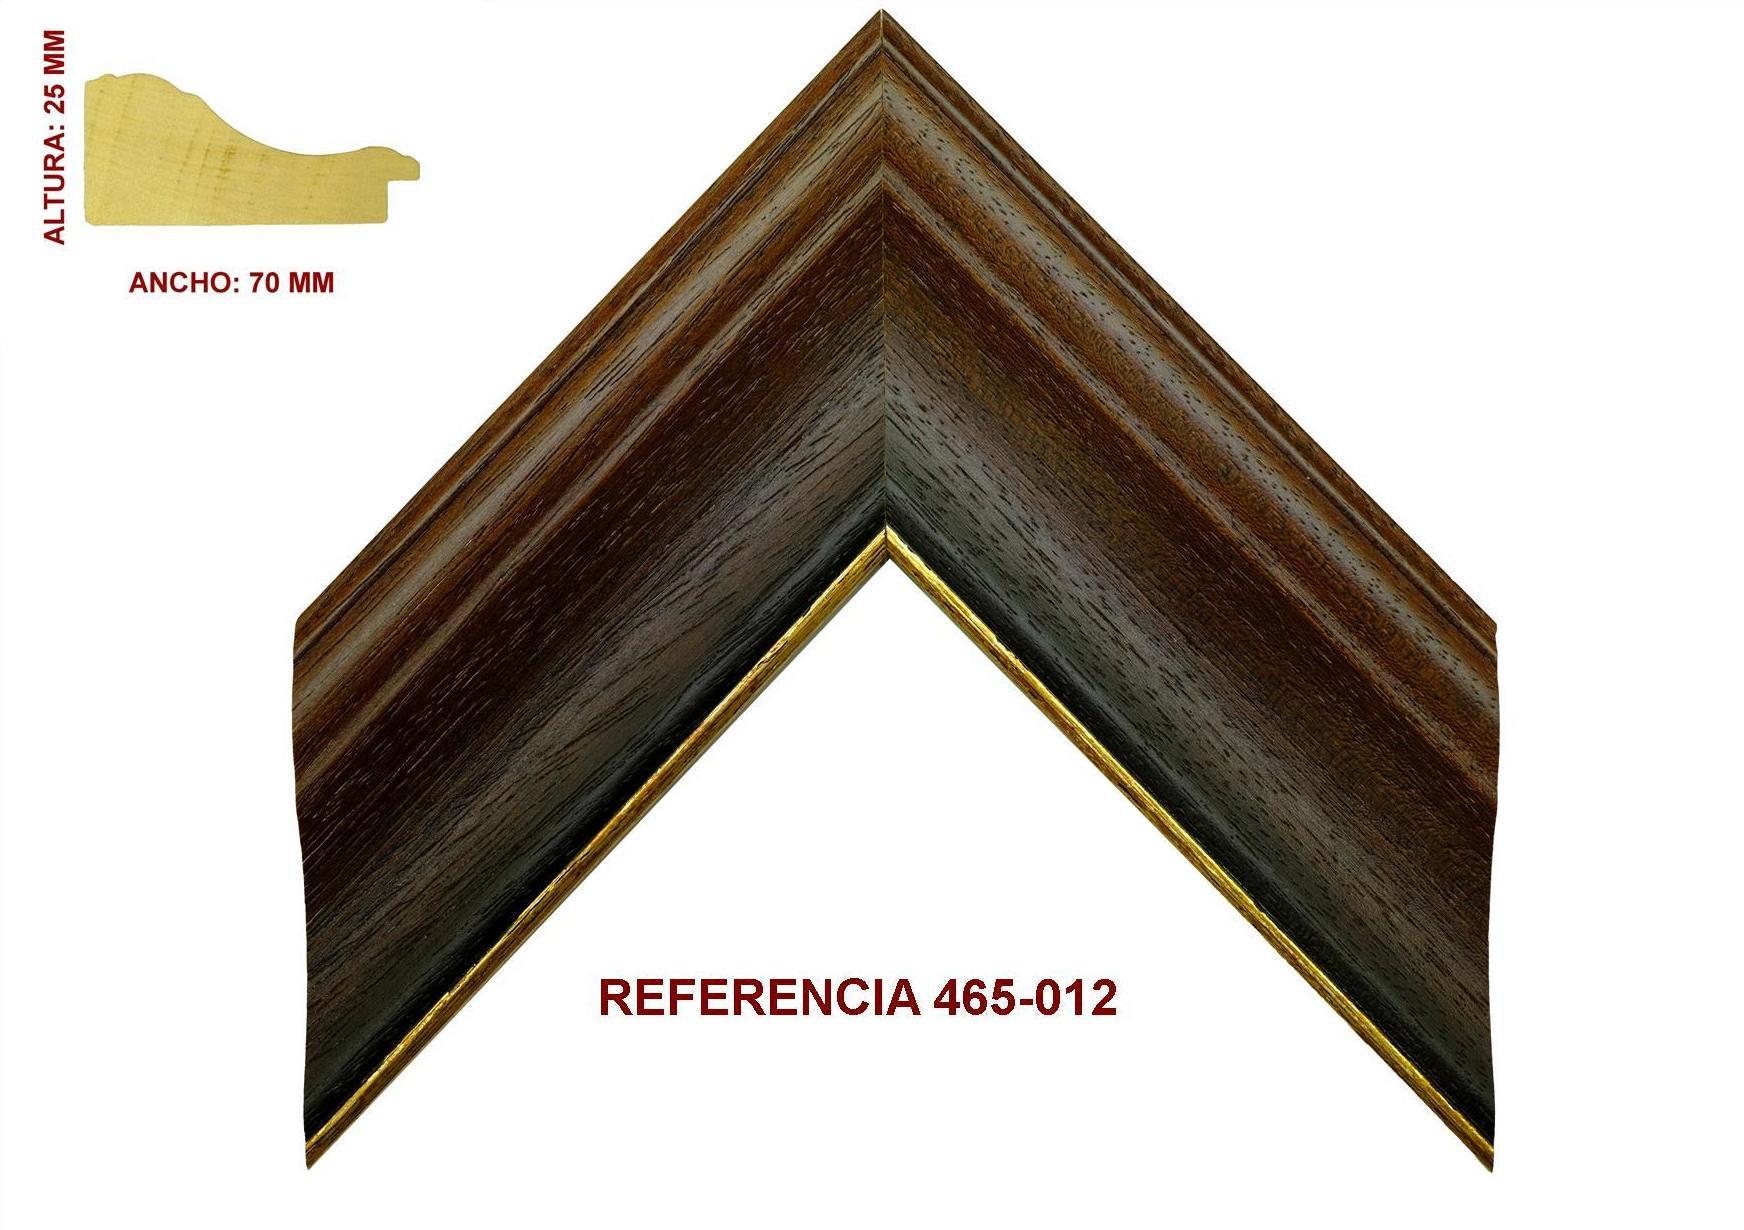 REF 465-012: Muestrario de Moldusevilla